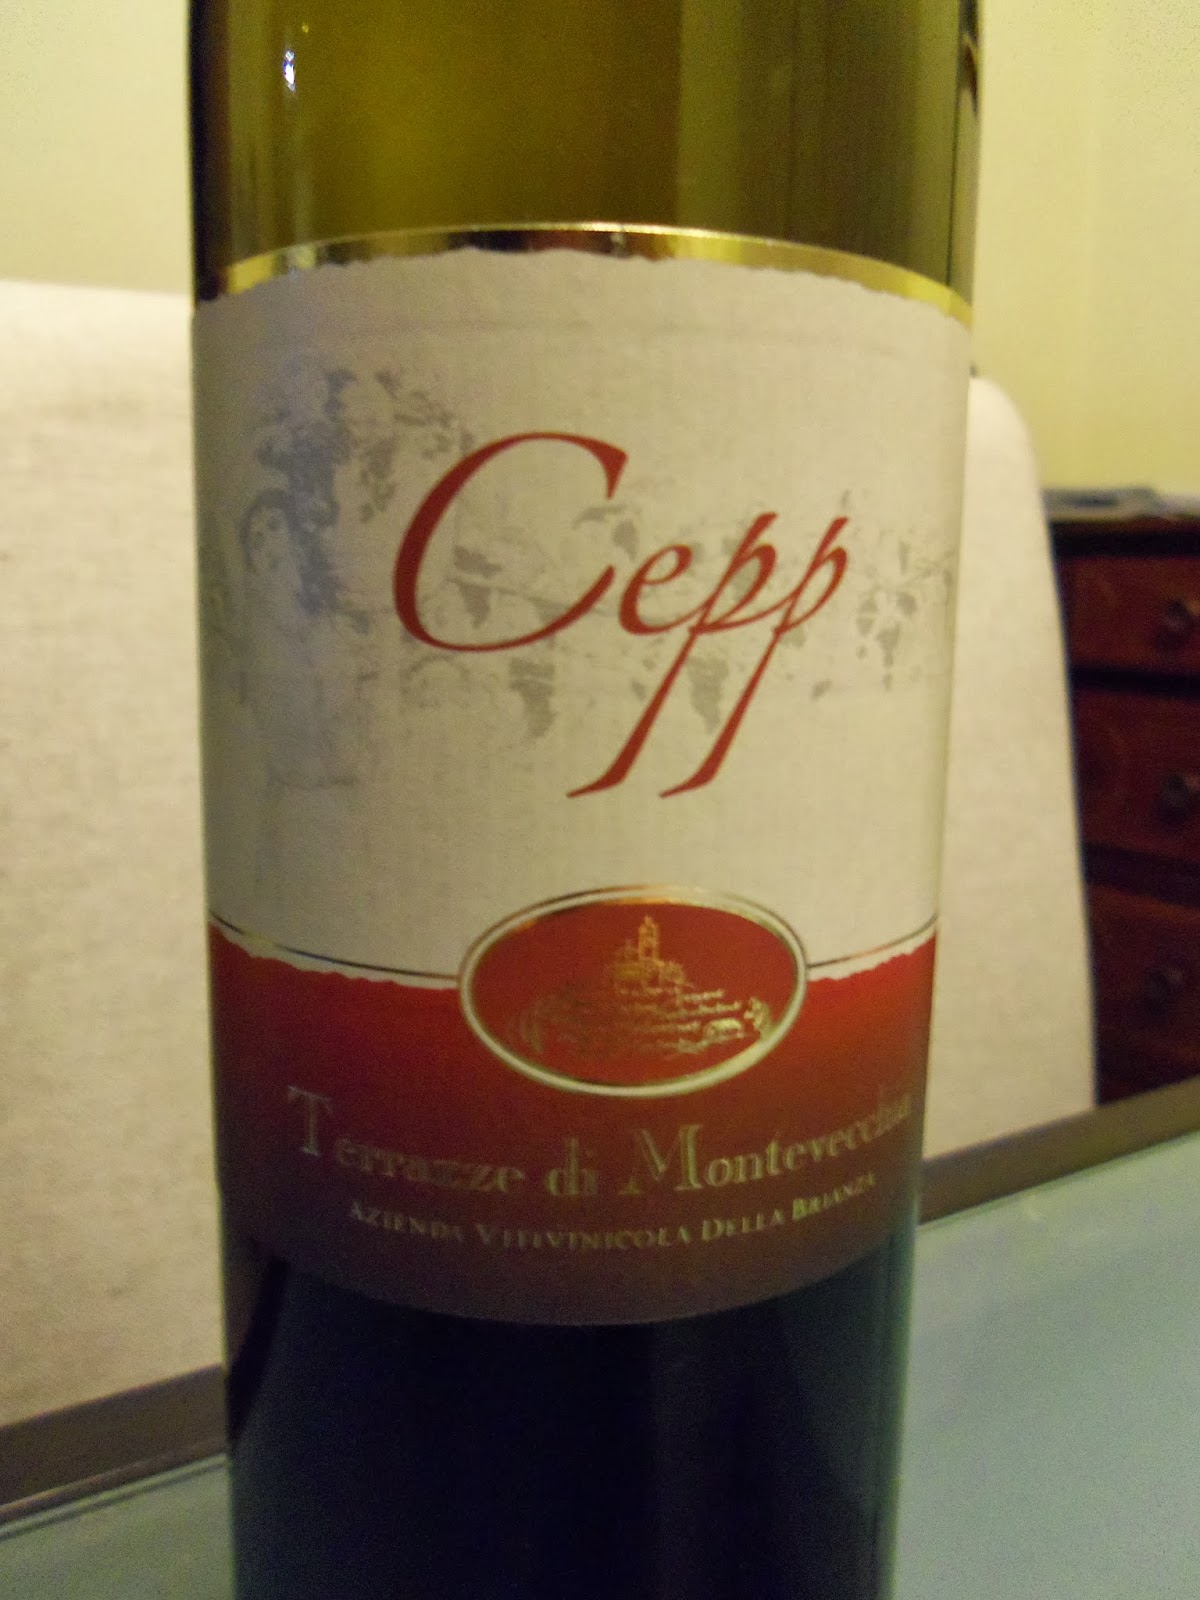 Baccanera: CEPP (2011) - TERRAZZE DI MONTEVECCHIA